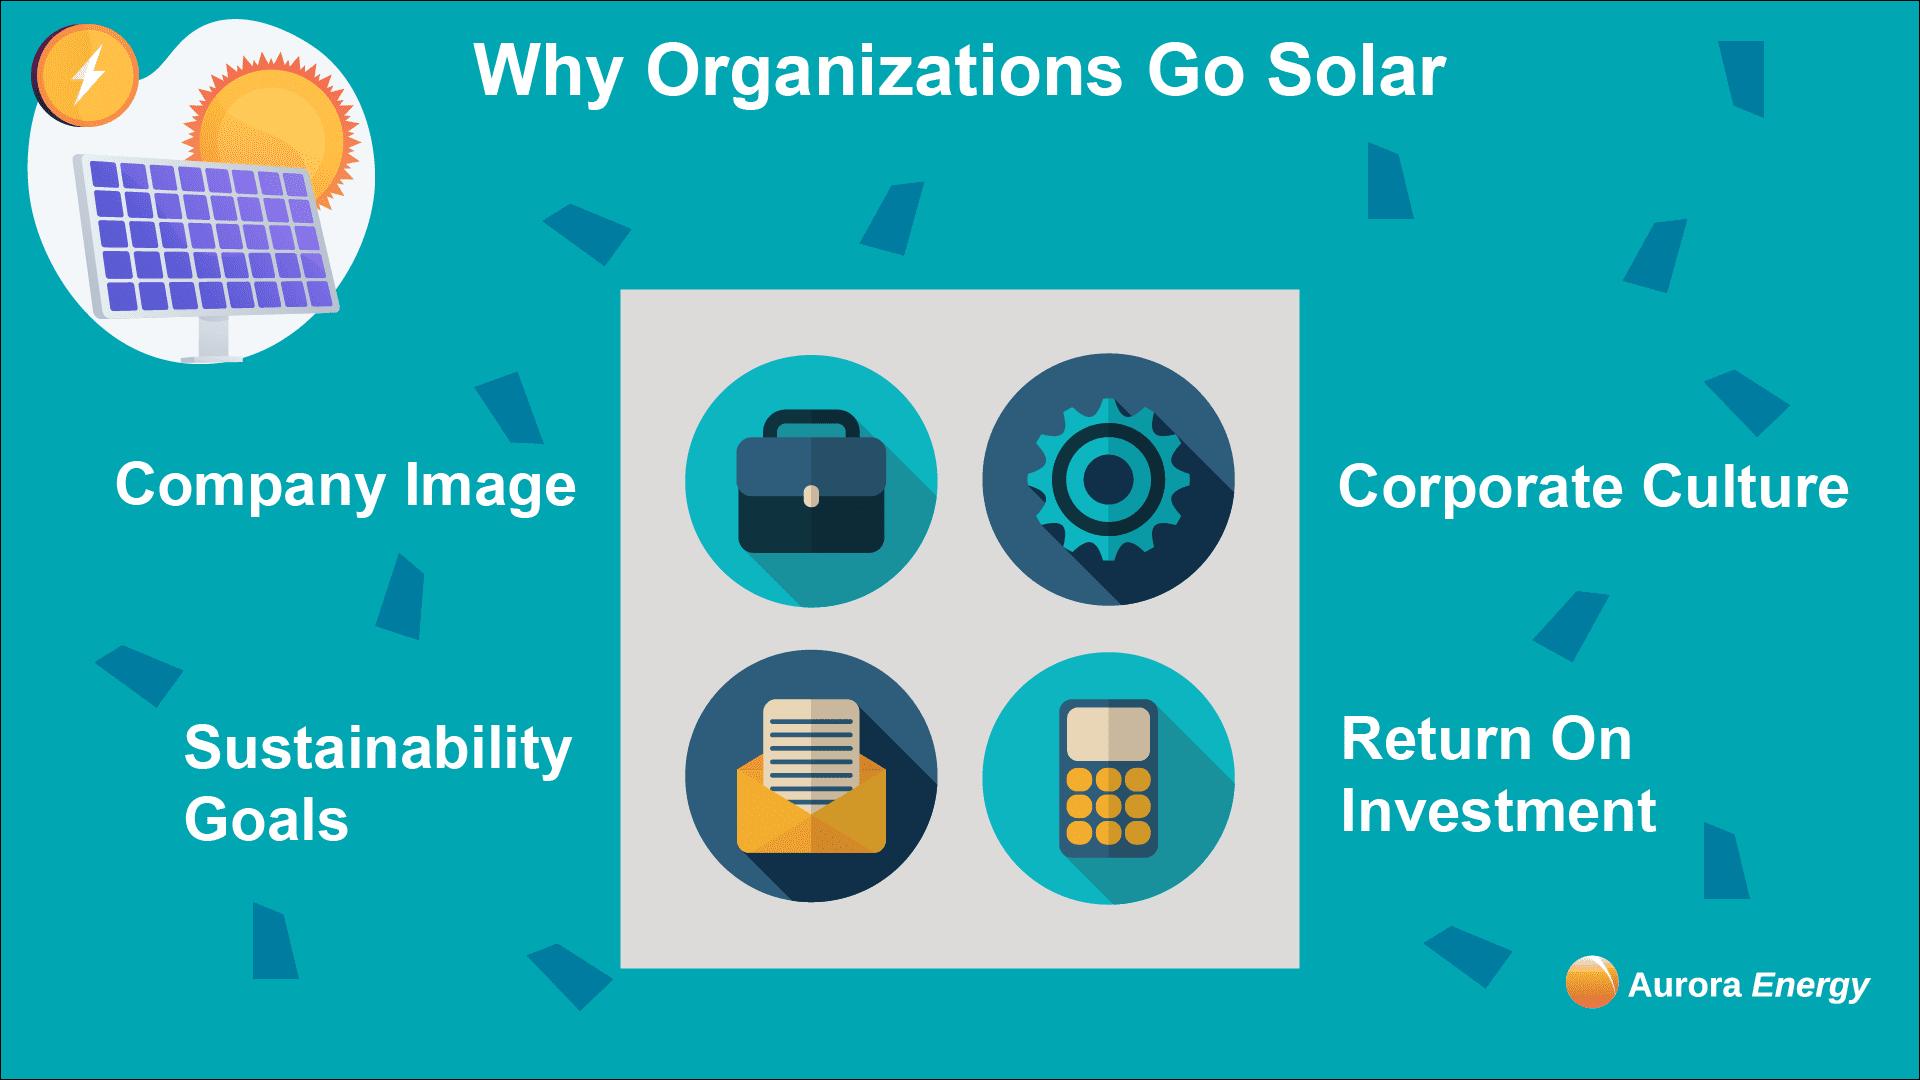 Reasons why organizations go solar